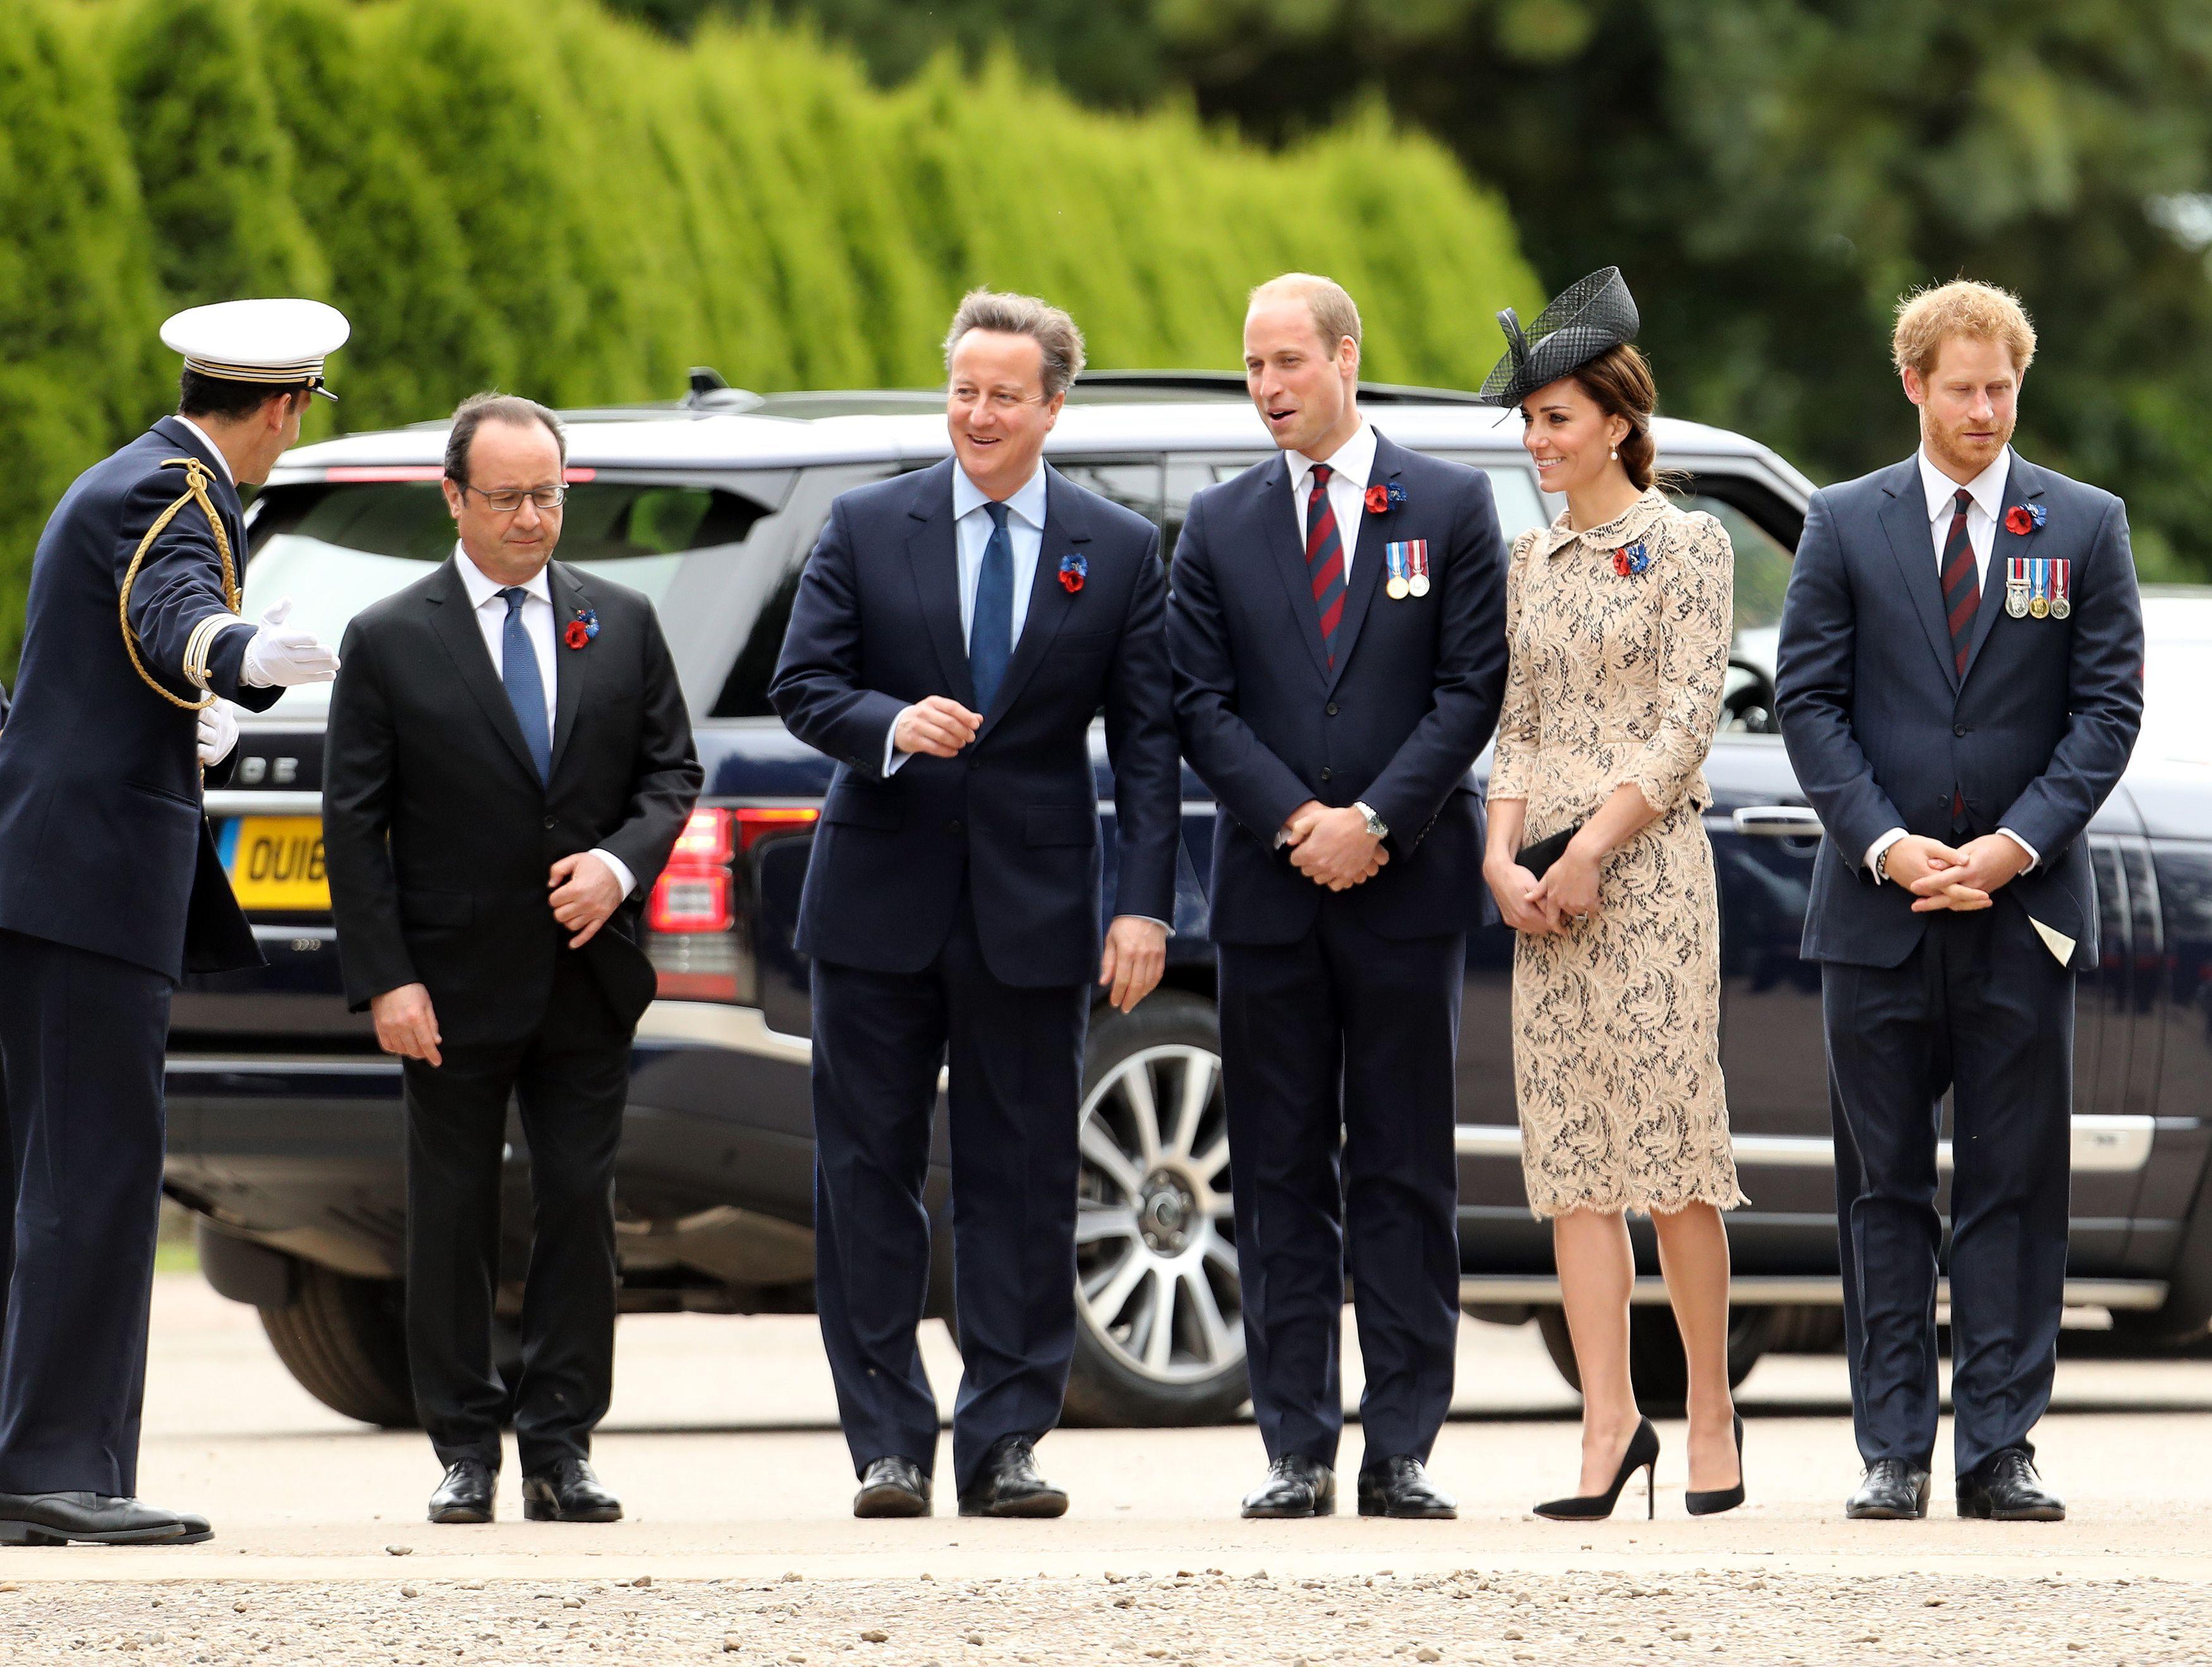 Kate Middleton Battle of the Somme Centenary